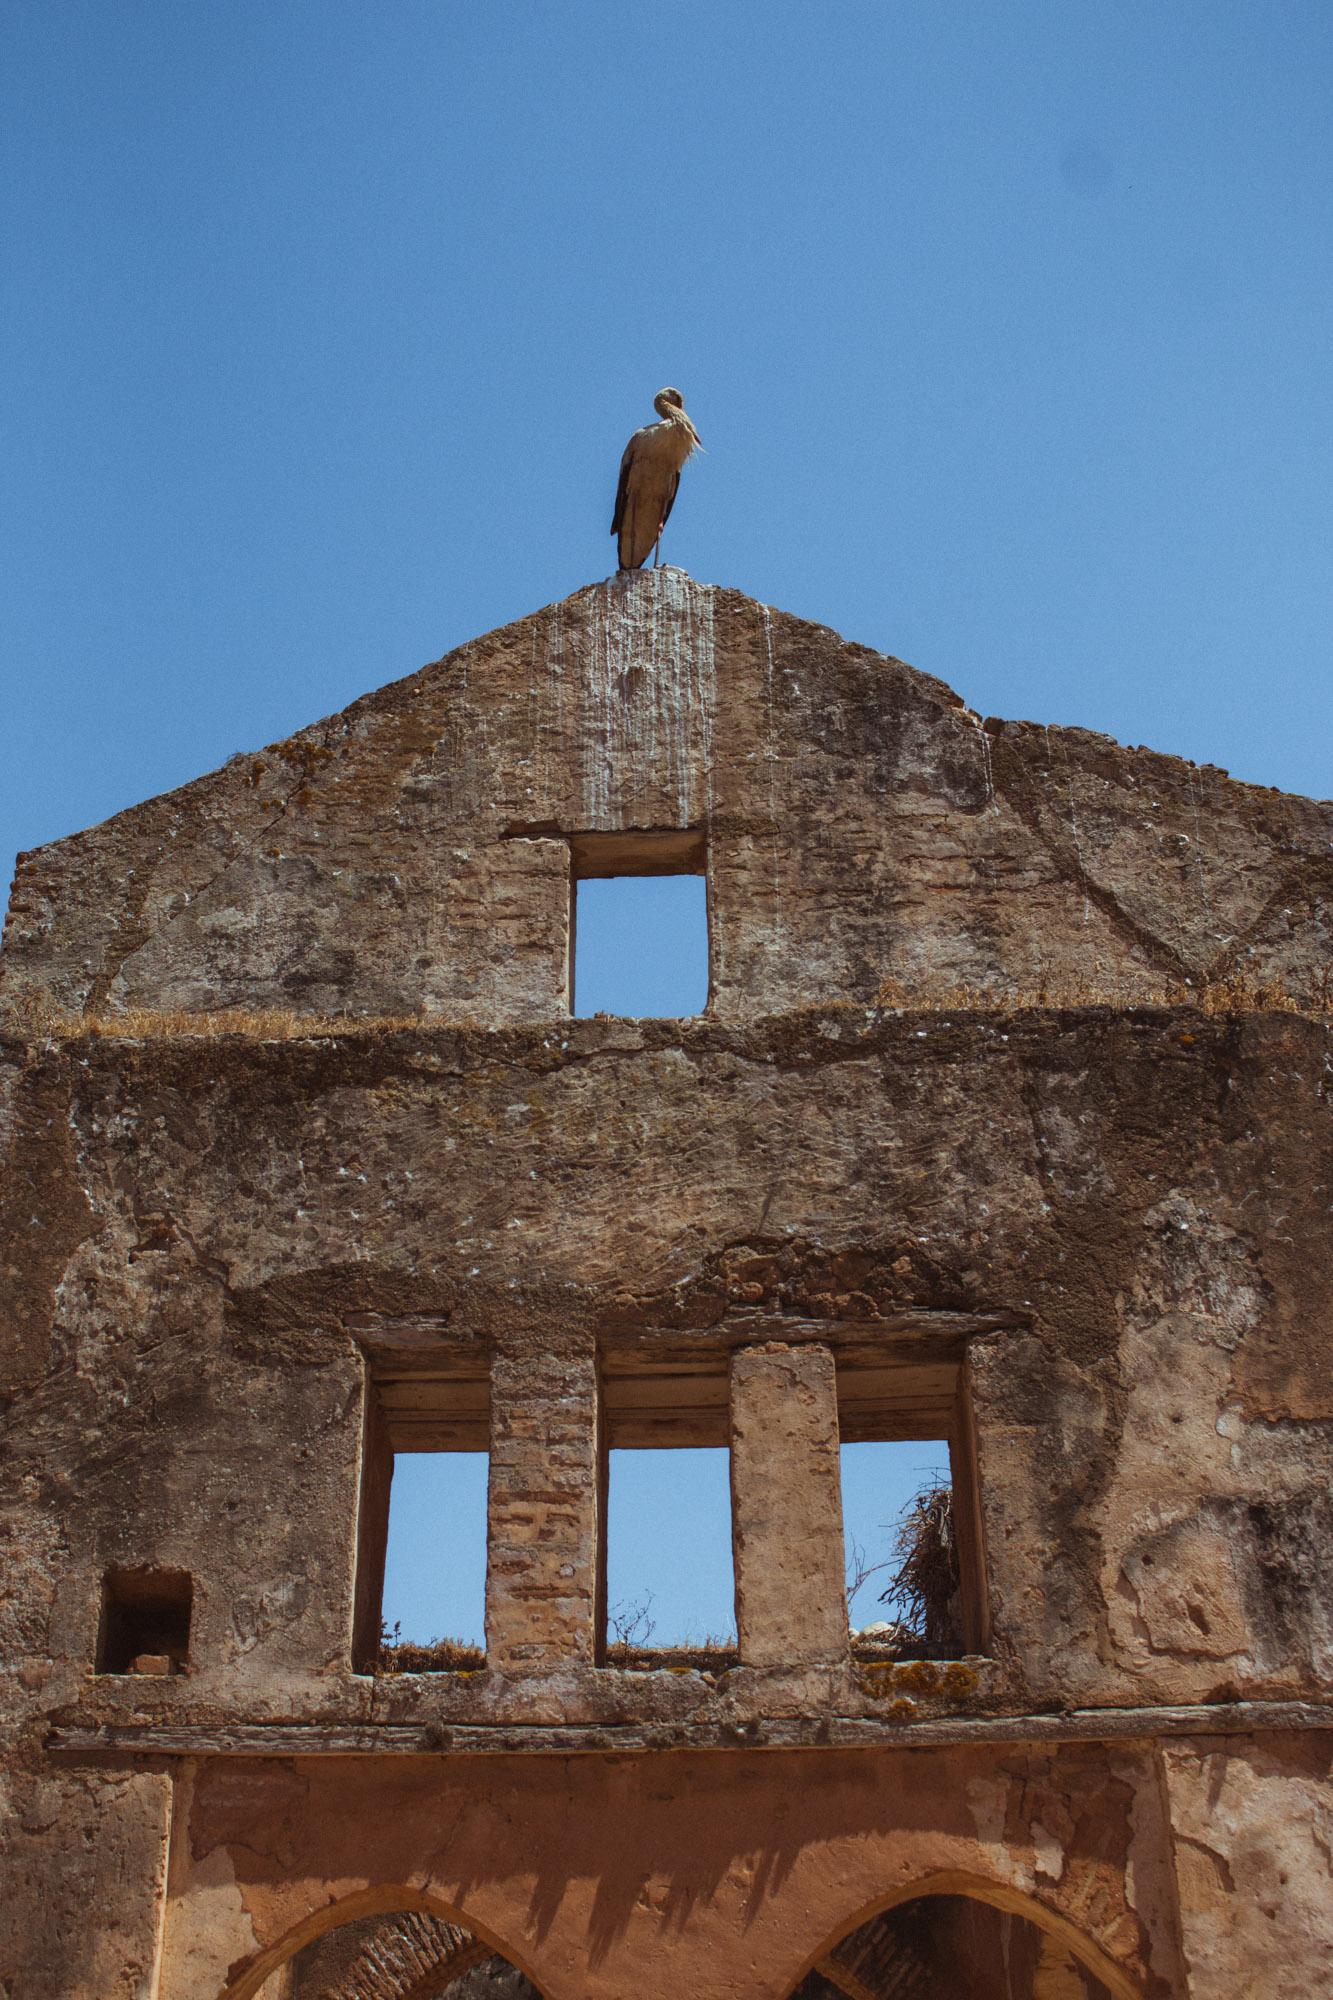 Ein Storch in der Chellah in Rabat, Marokko